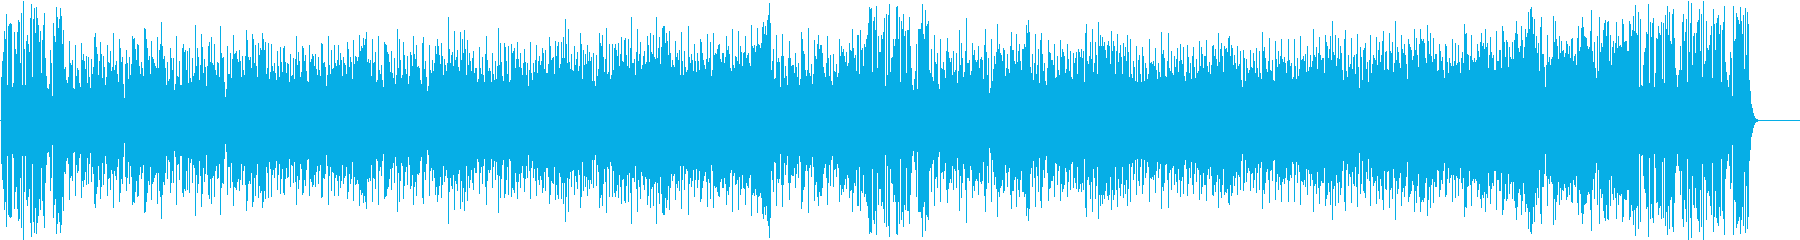 ゆったりしたエンディング(フルサイズ)の再生済みの波形